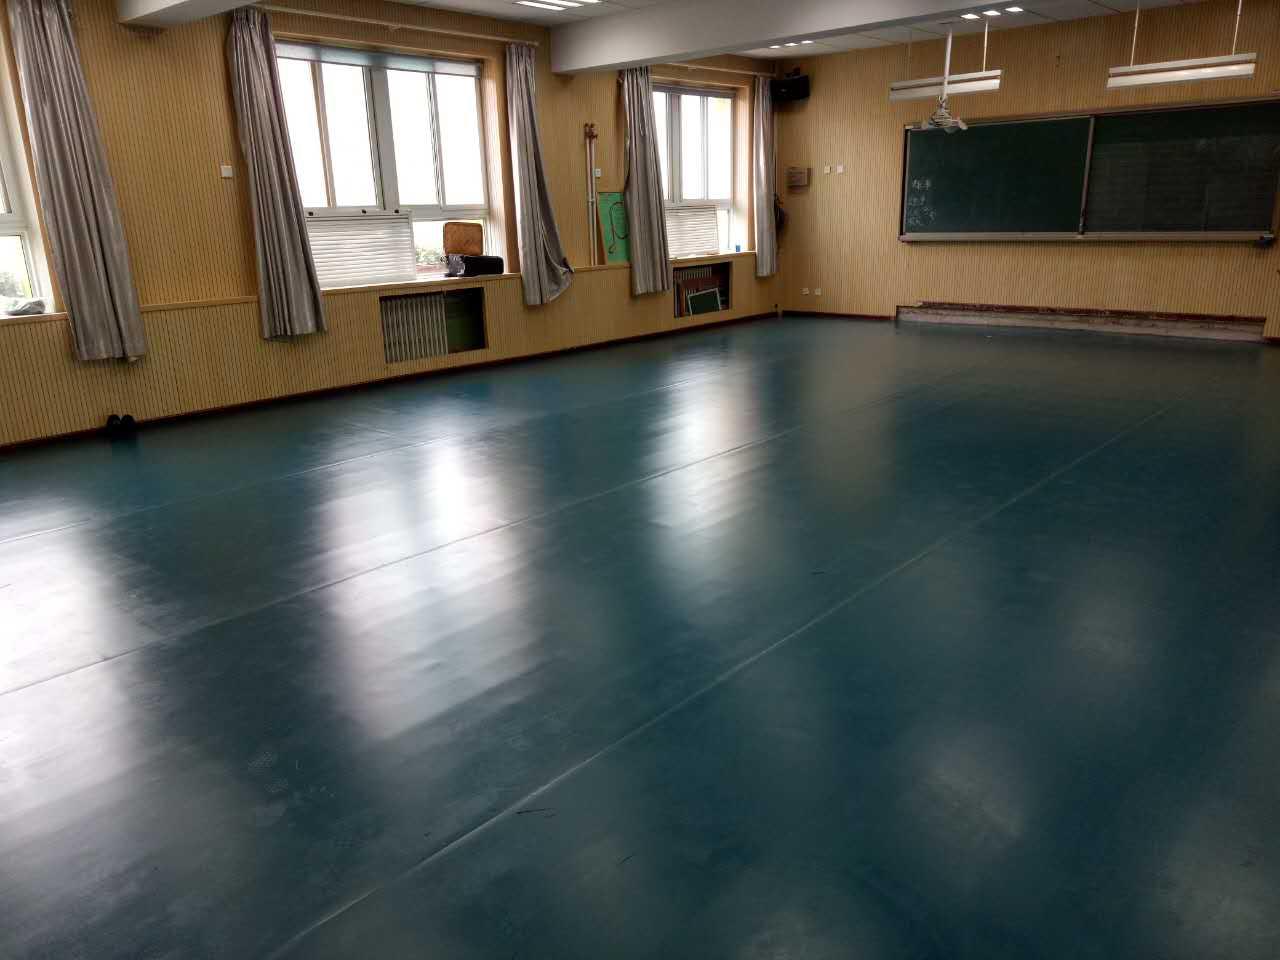 舞蹈室地胶--北京丰台草桥舞蹈成功案例-小学小学书音乐图片